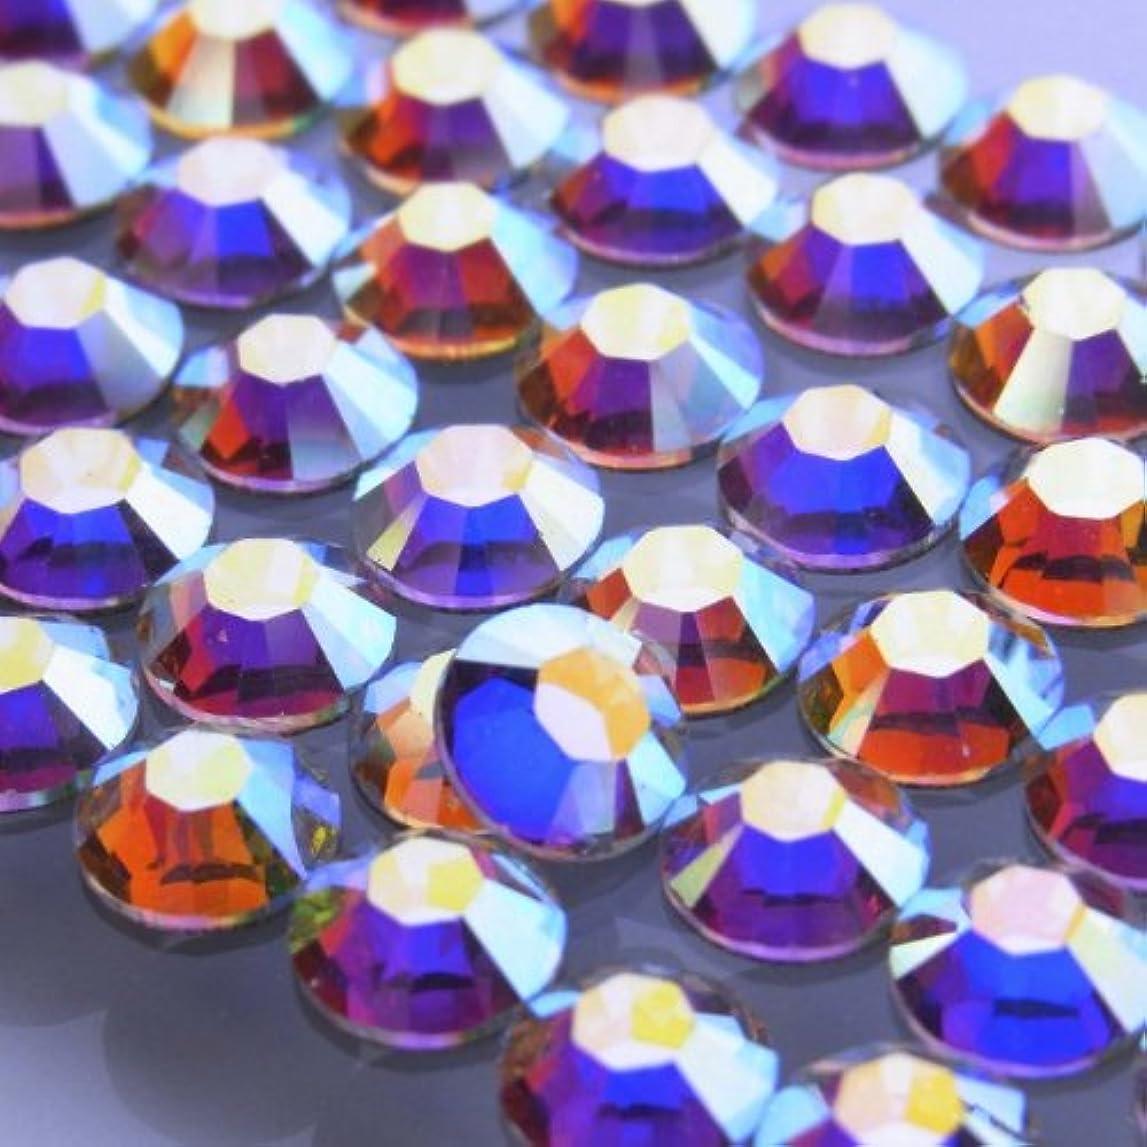 ダブル削減魅力的であることへのアピールHotfixクリスタルオーロラss12(50粒入り)スワロフスキーラインストーンホットフィックス